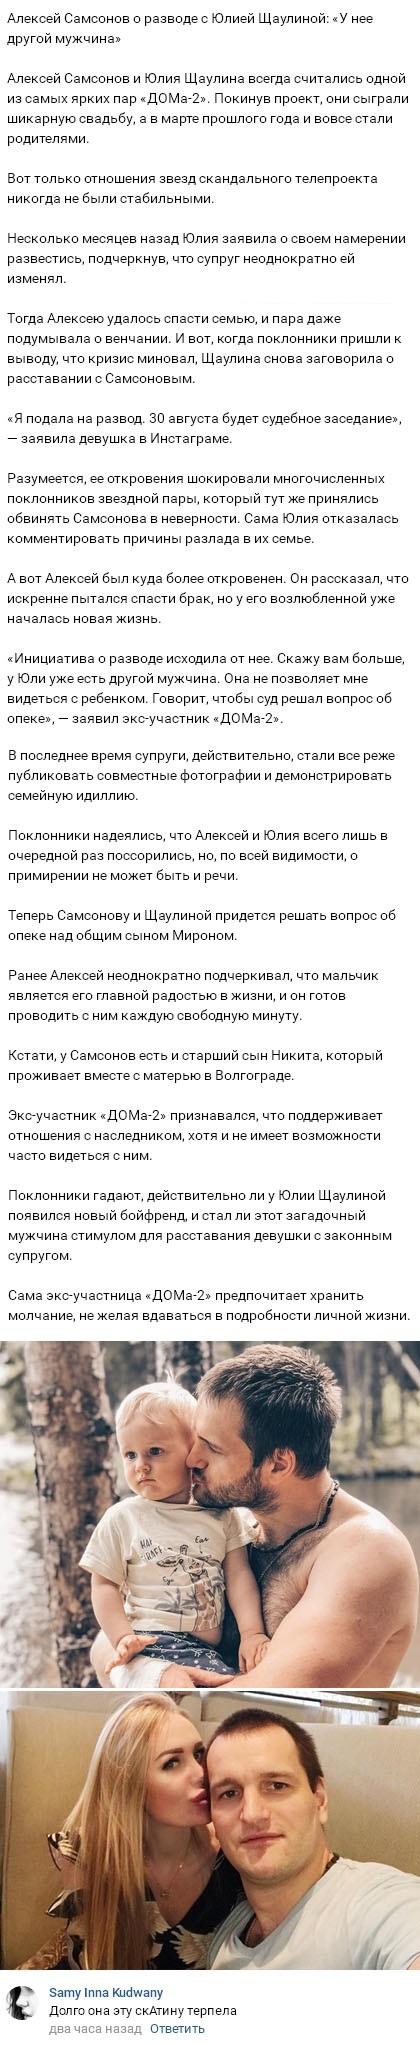 Алексей Самсонов выдал правду о разводе с Юлией Щаулиной